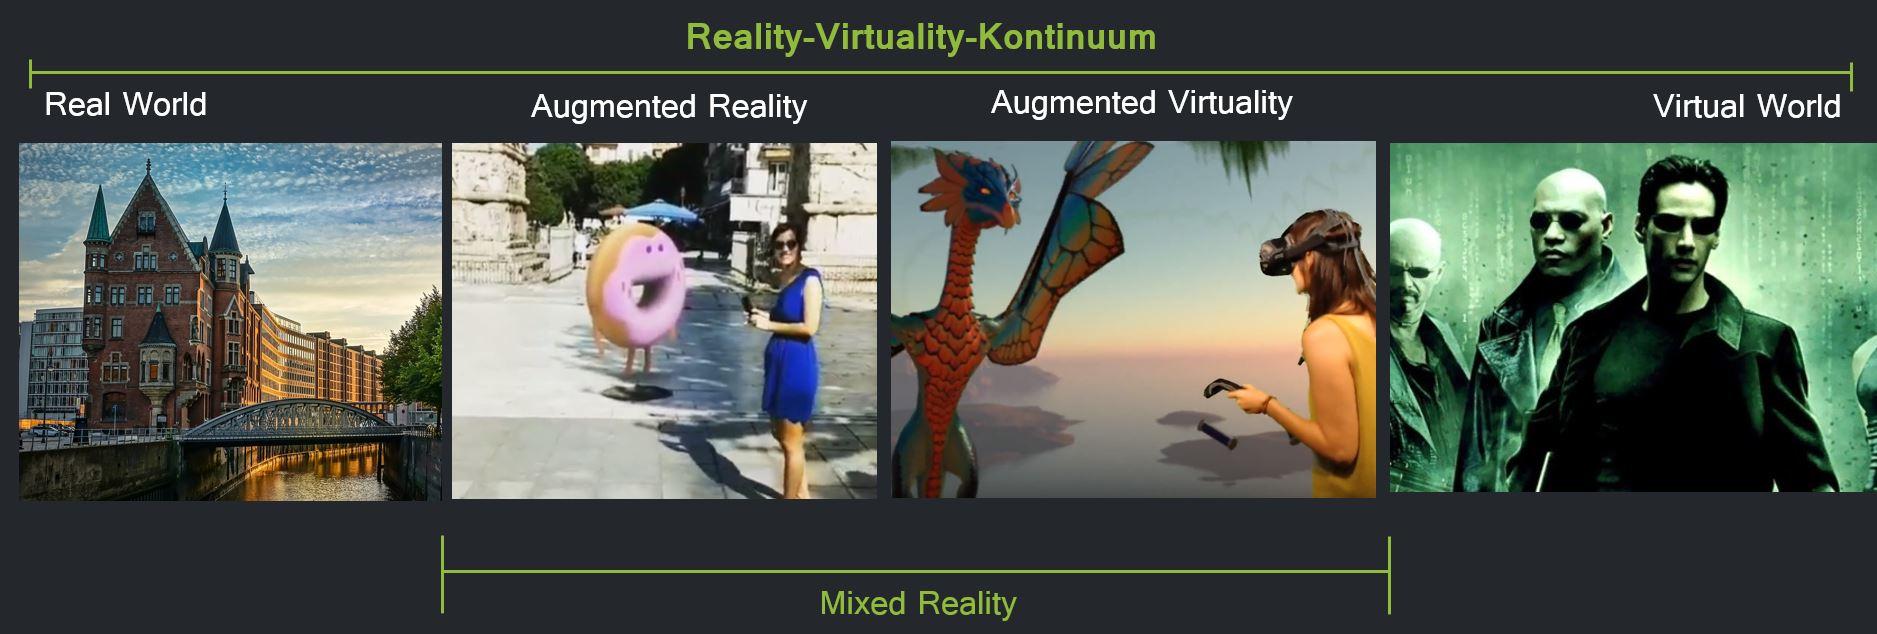 Reality-Virtuality-Kontinuum